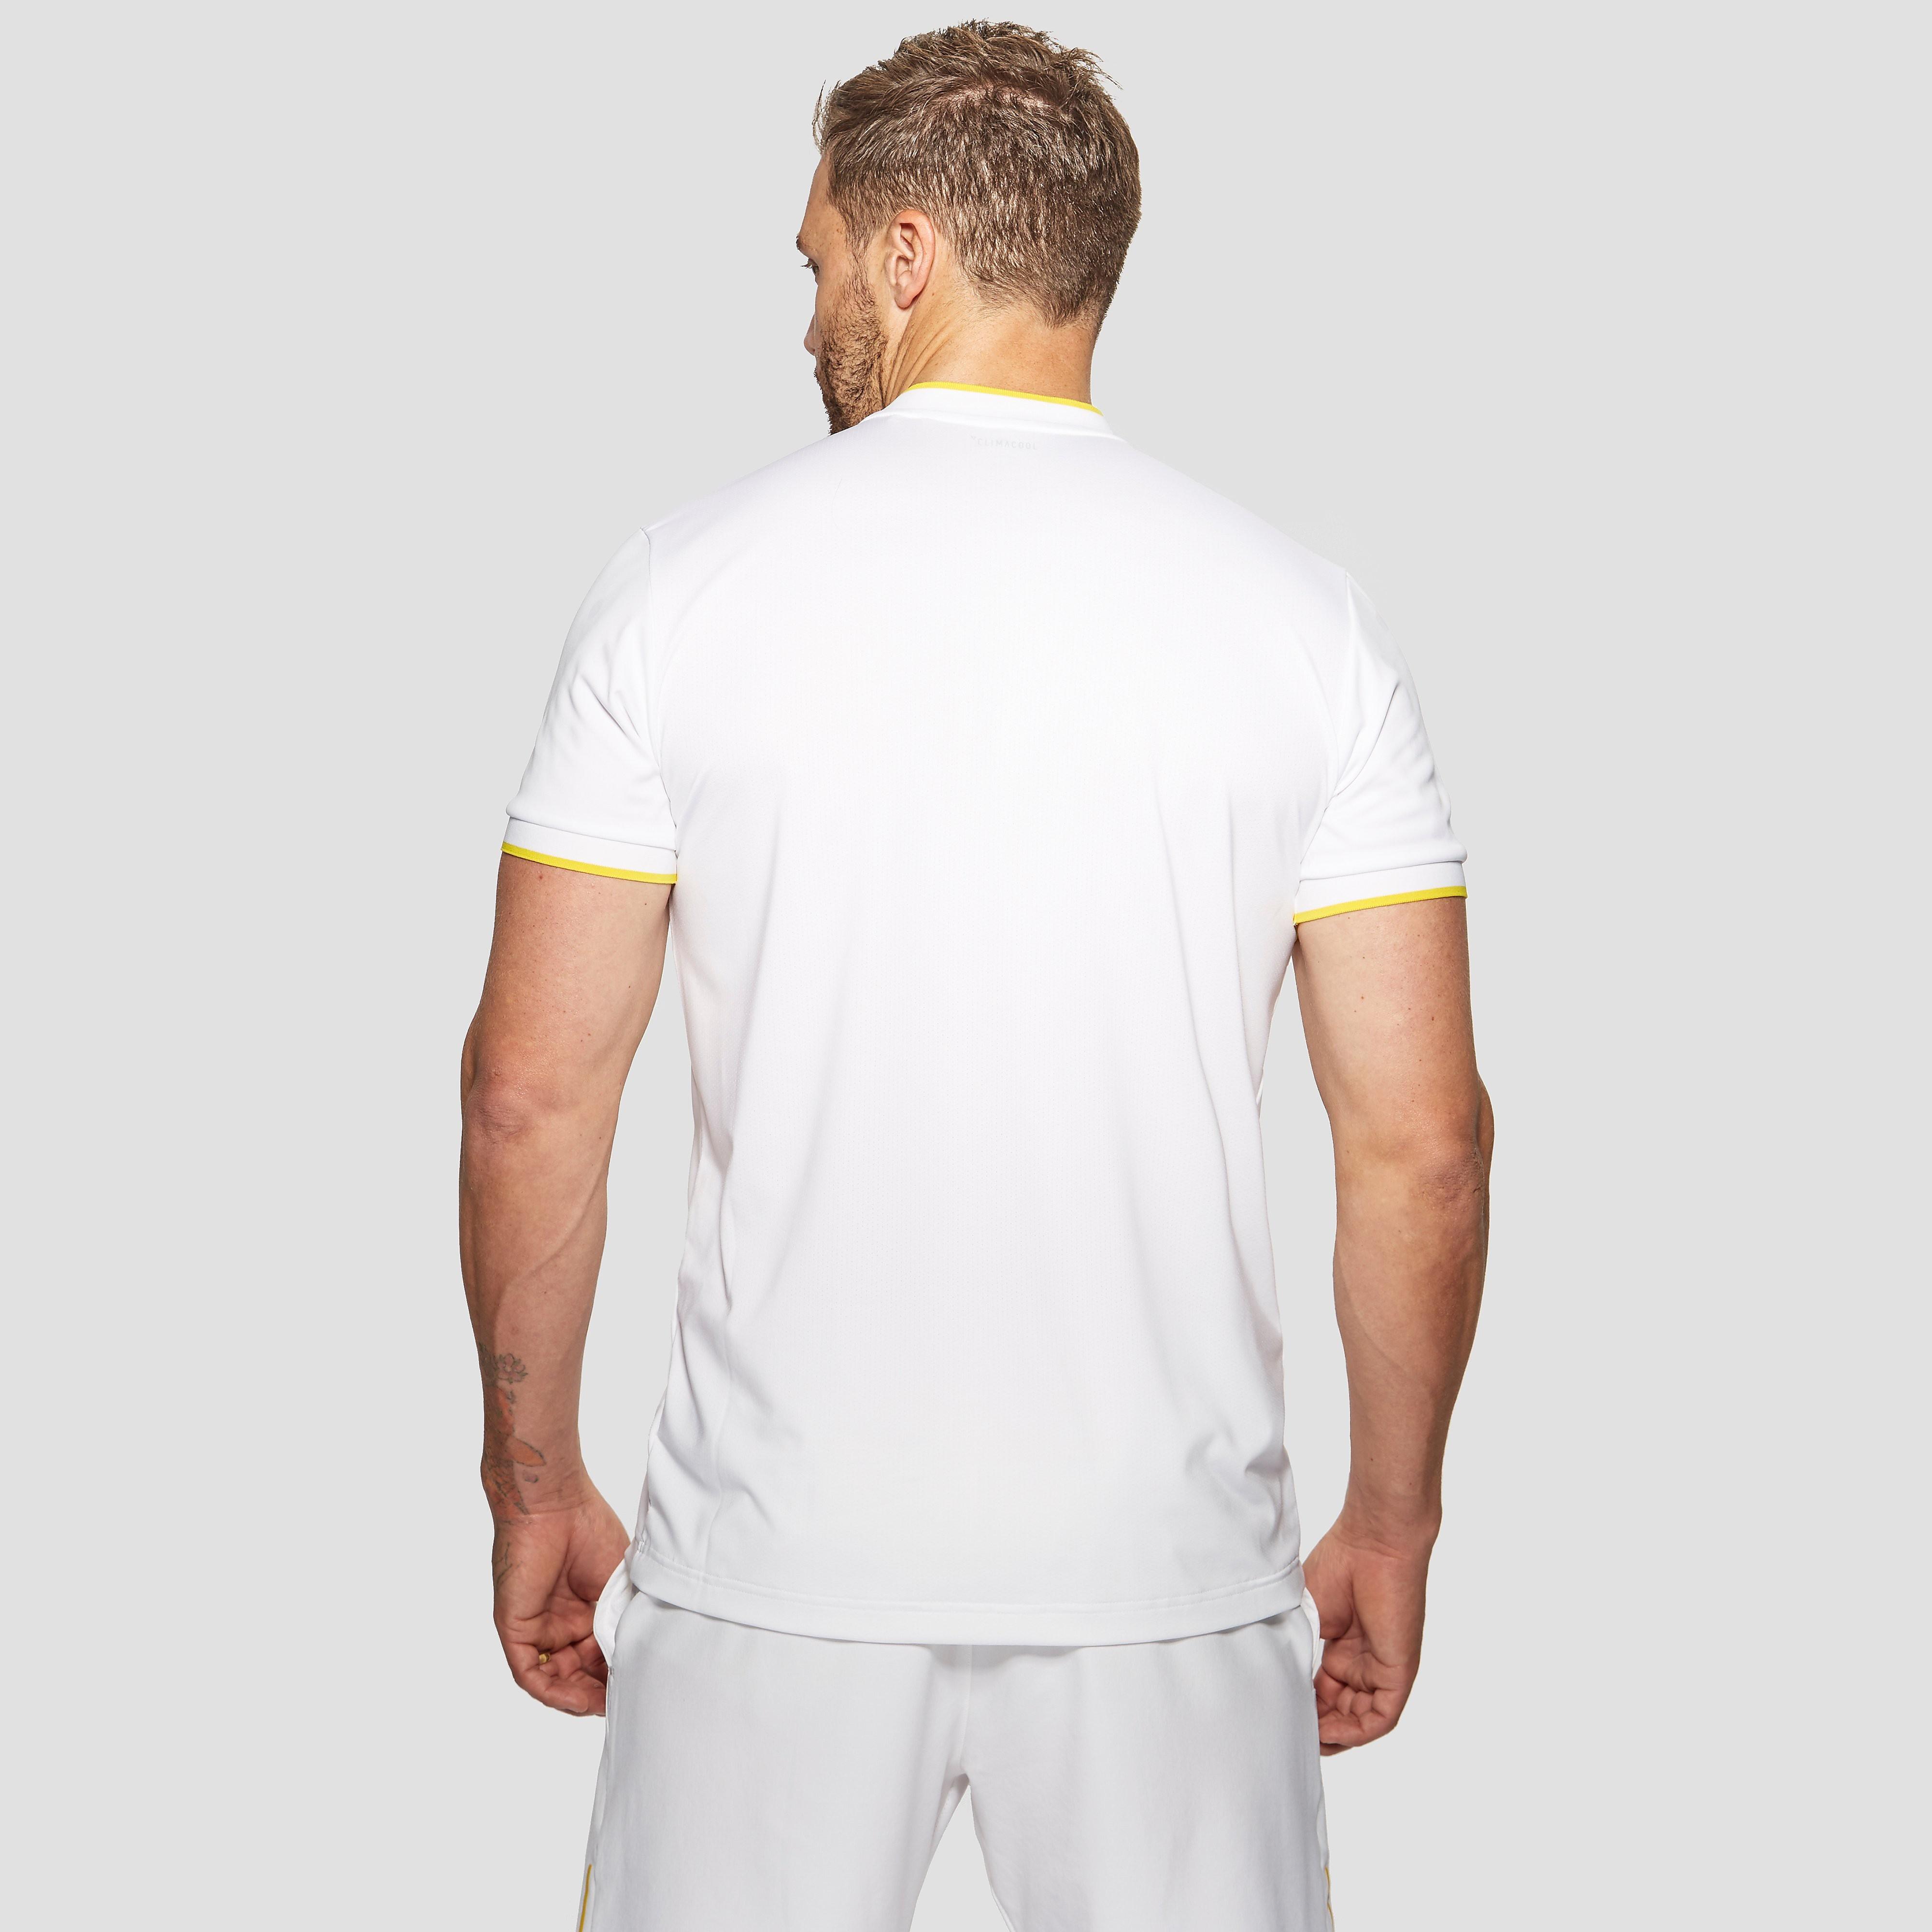 adidas London Men's Tennis Polo